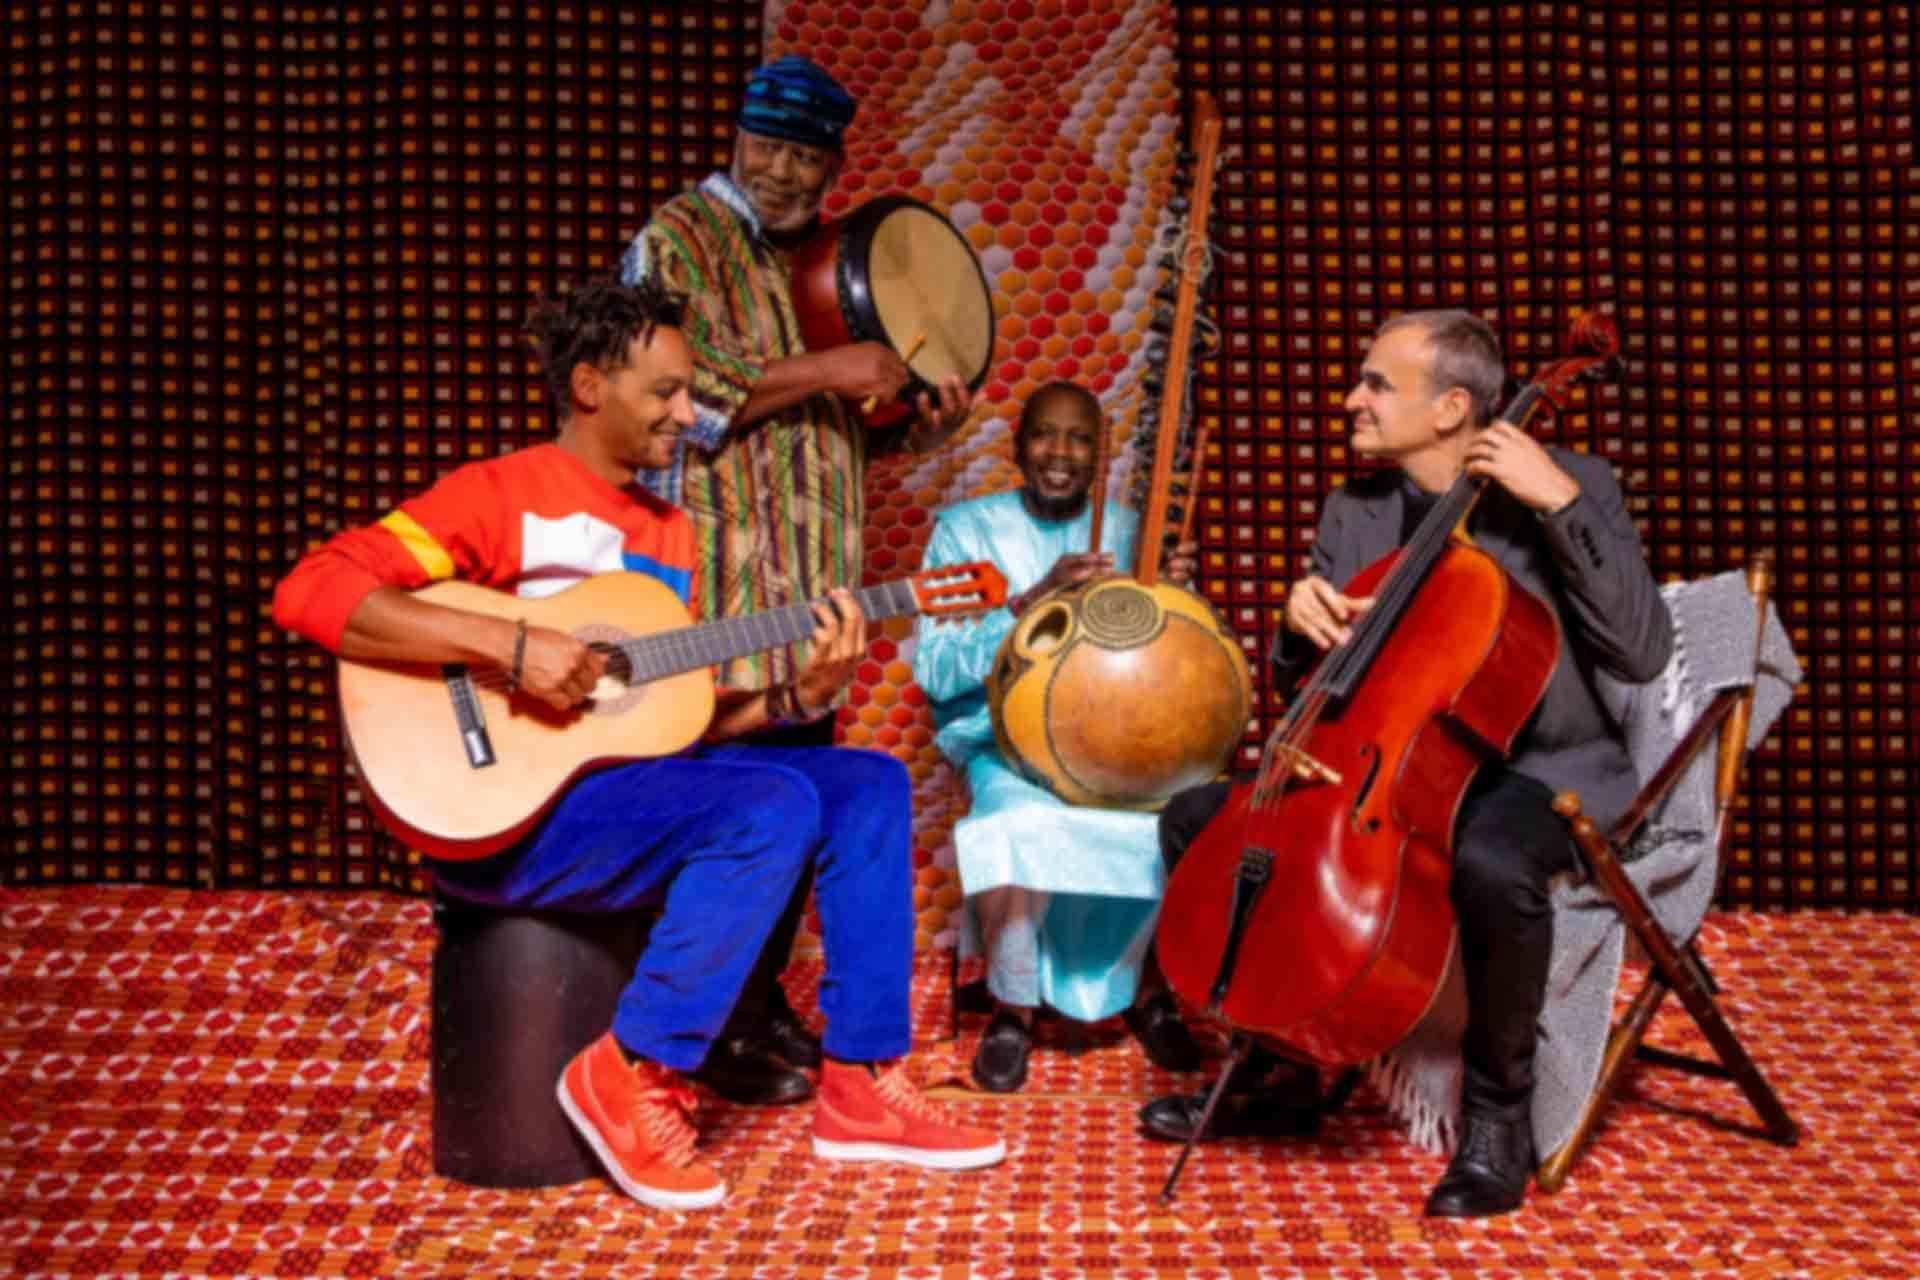 David Walters & Ballaké Sissoko, Vincent Ségal, Roger Raspail